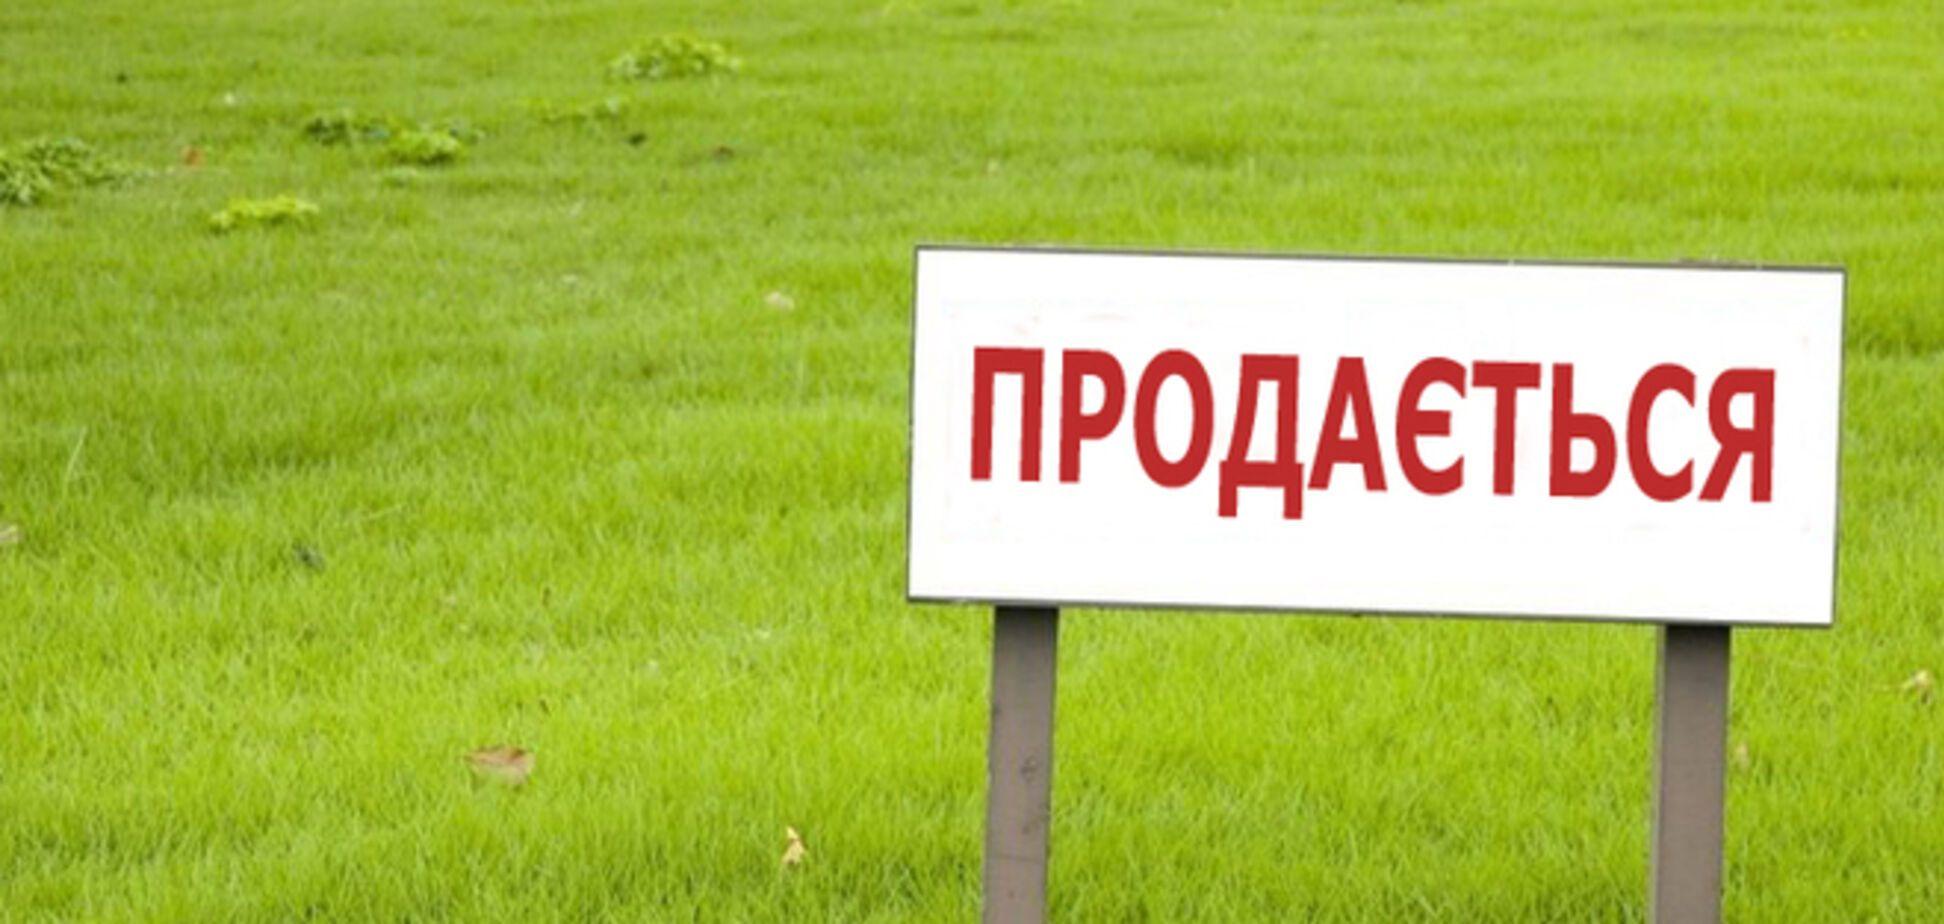 Жителям аннексированного Крыма землю будут раздавать через аукцион